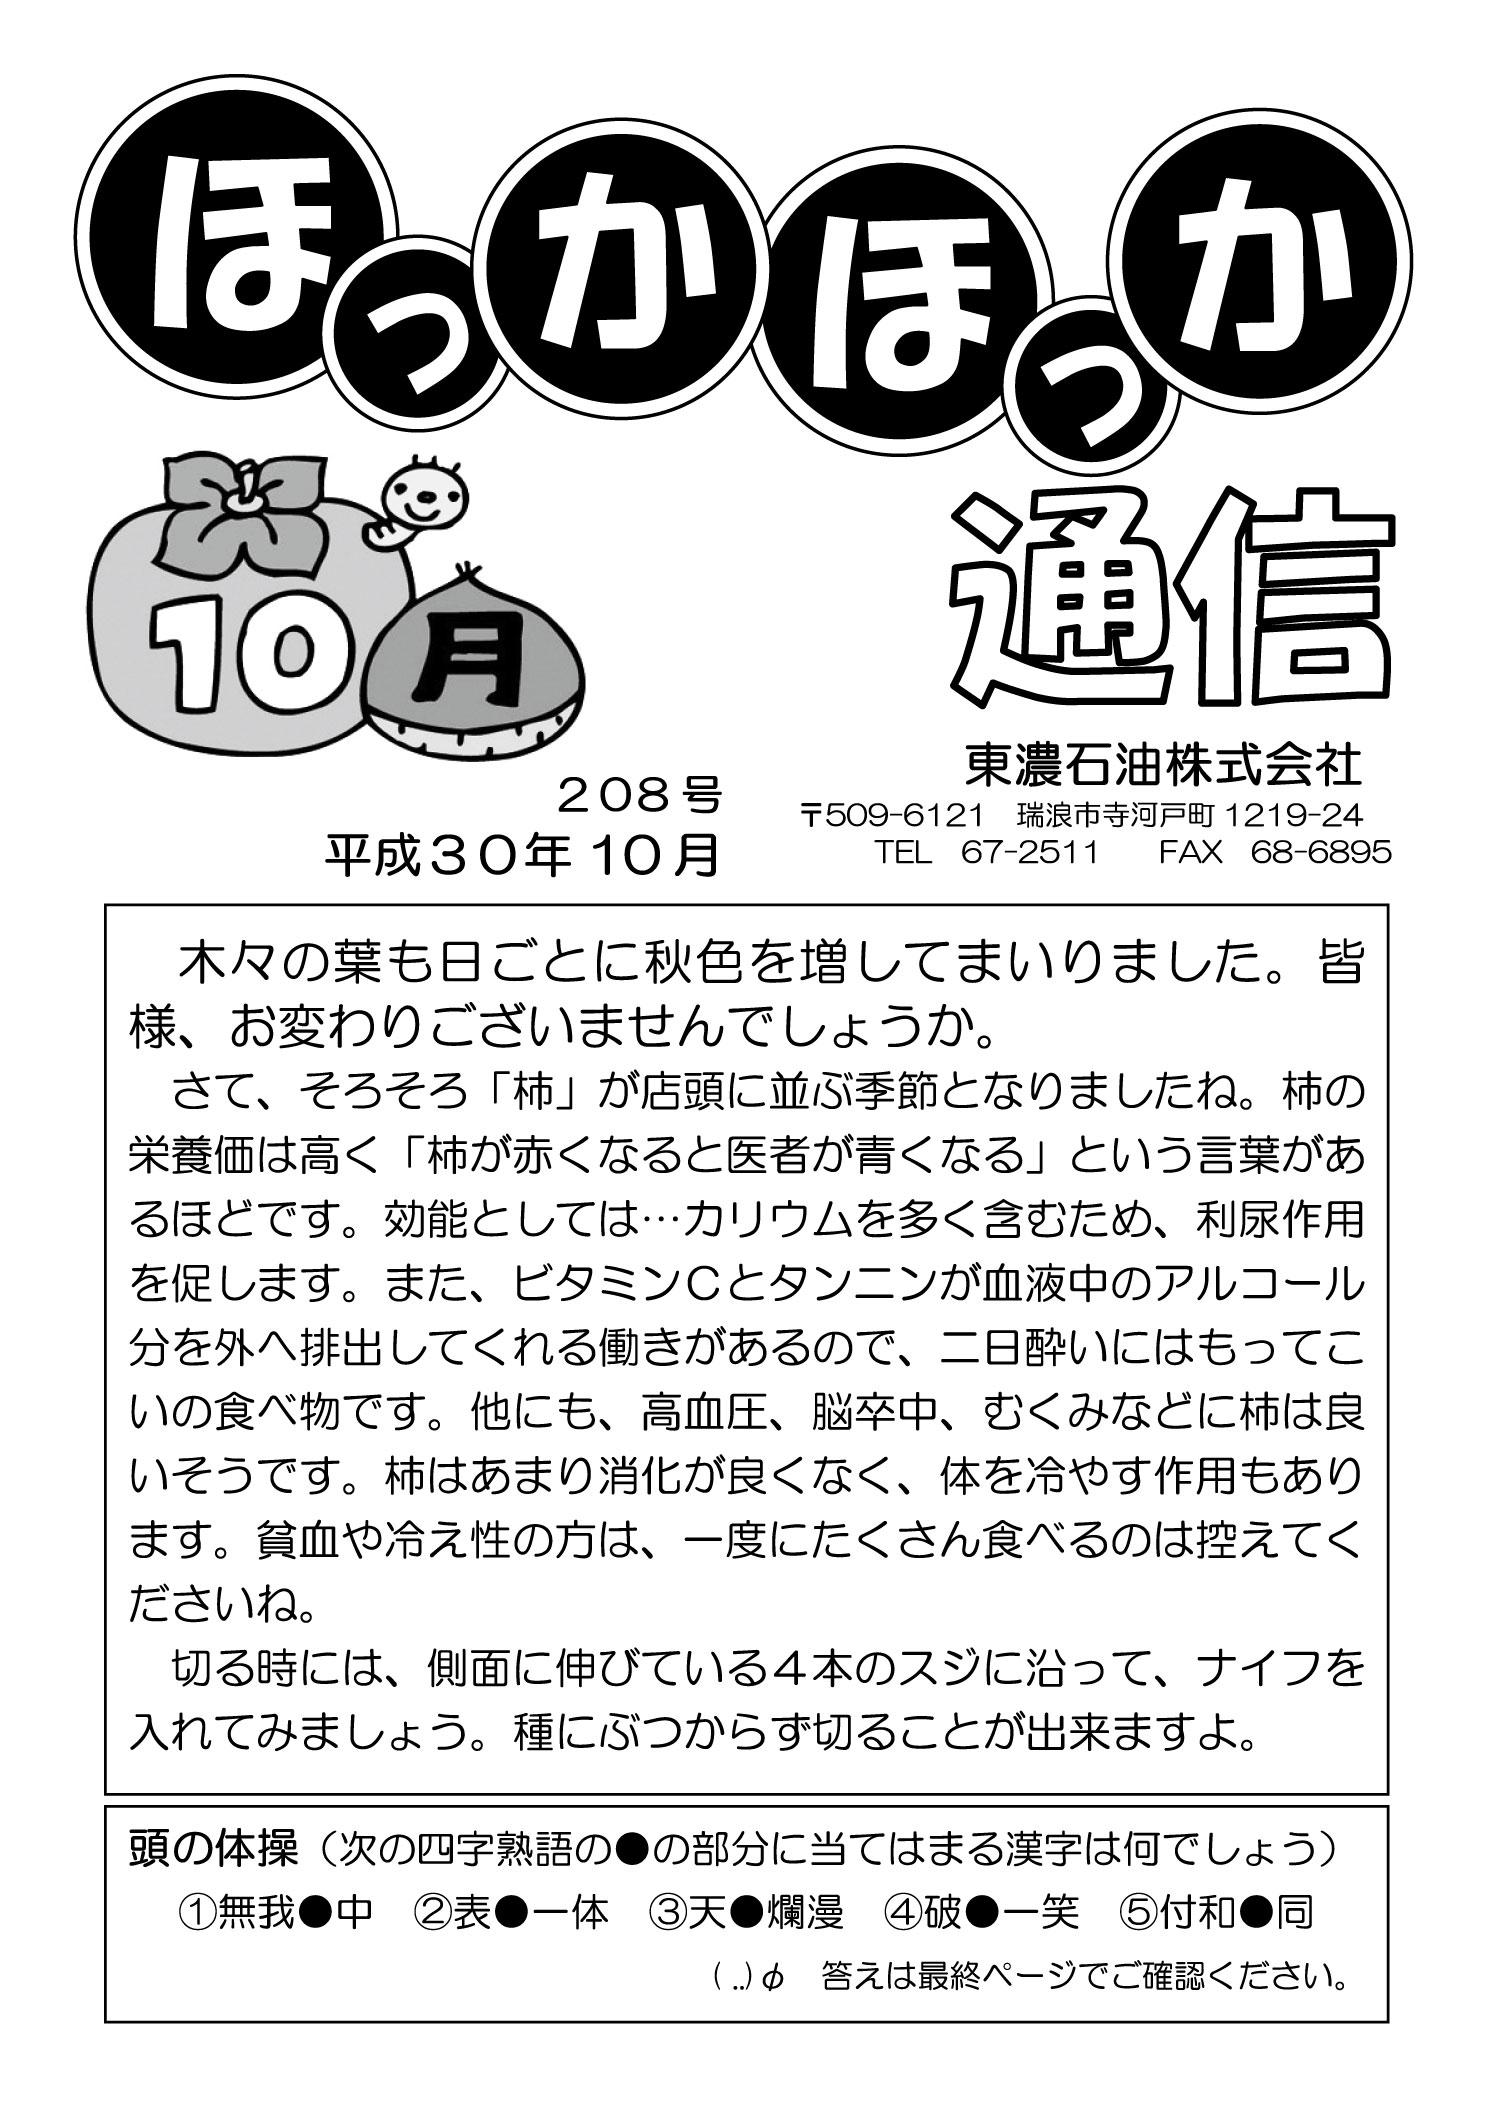 208号(平成30年10月)